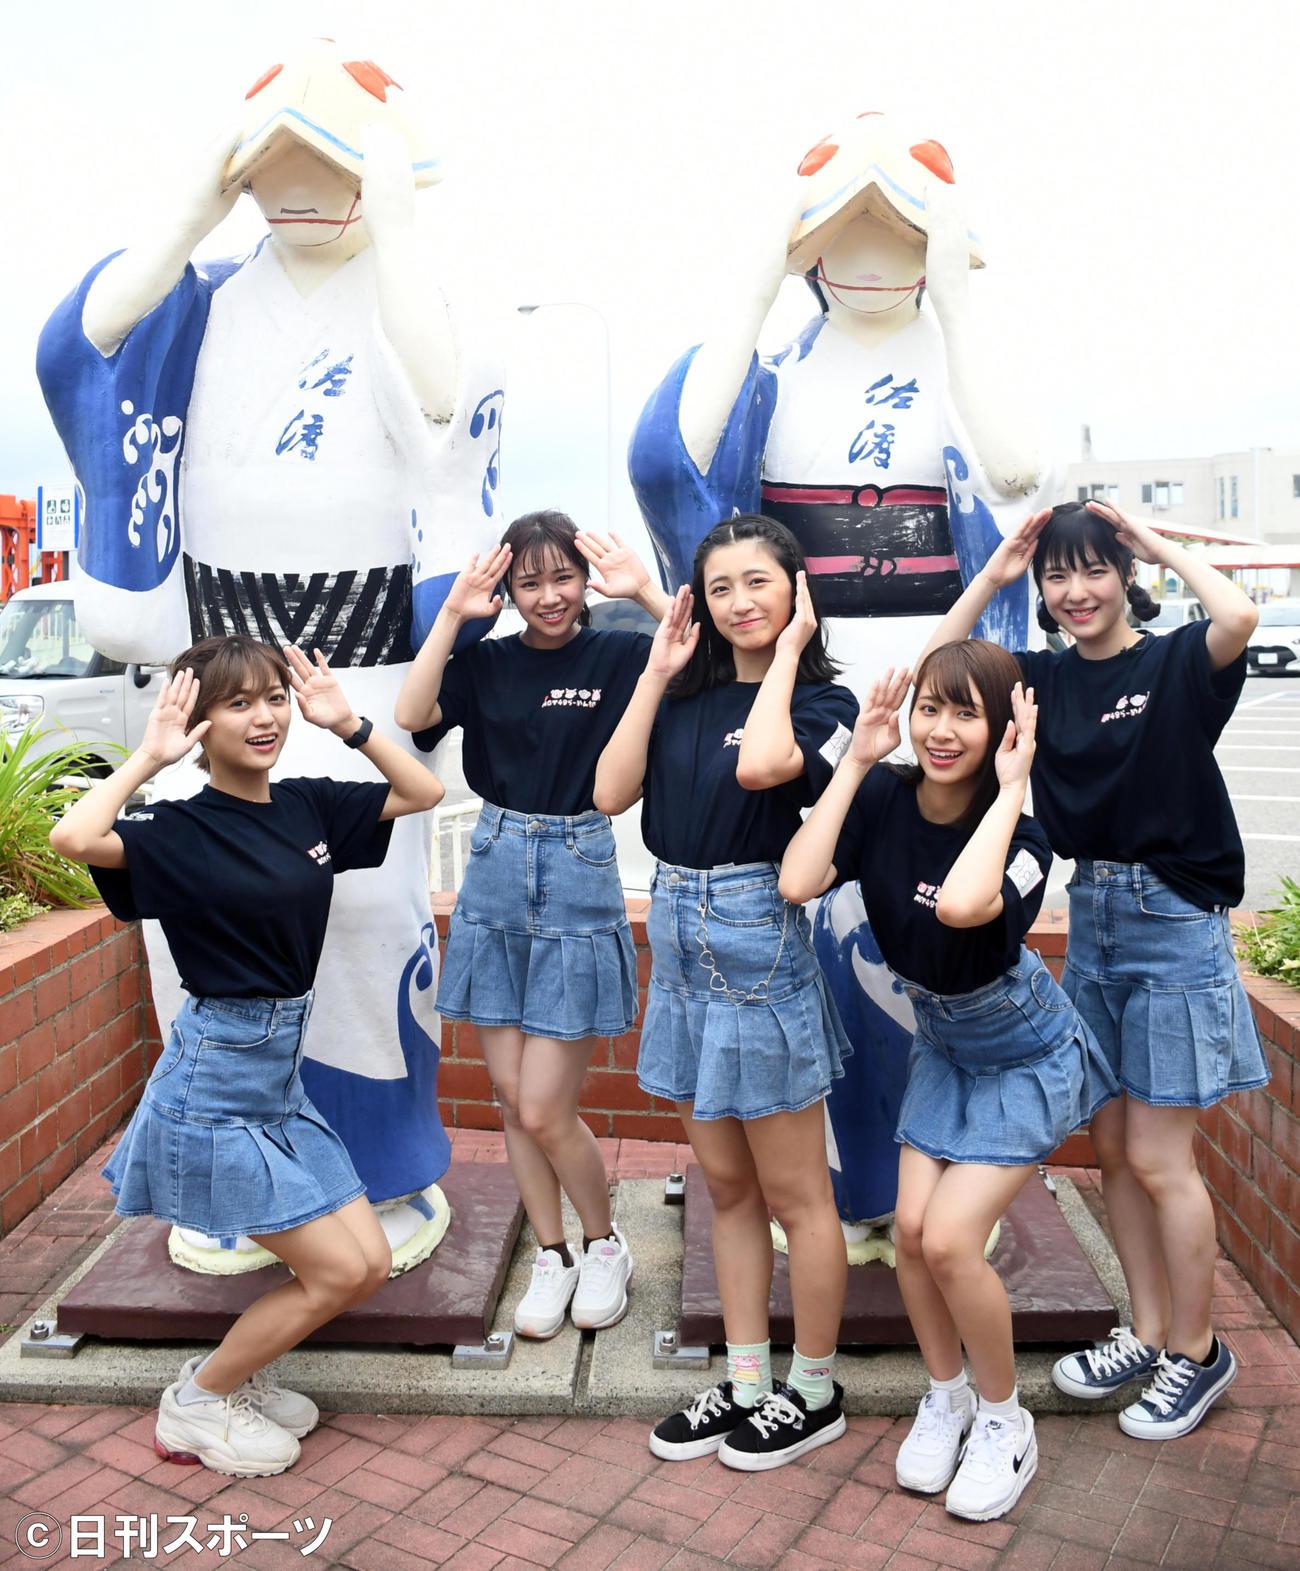 両津港に到着しポーズを決めるNGT48らーめん部のメンバー(撮影・大友陽平)